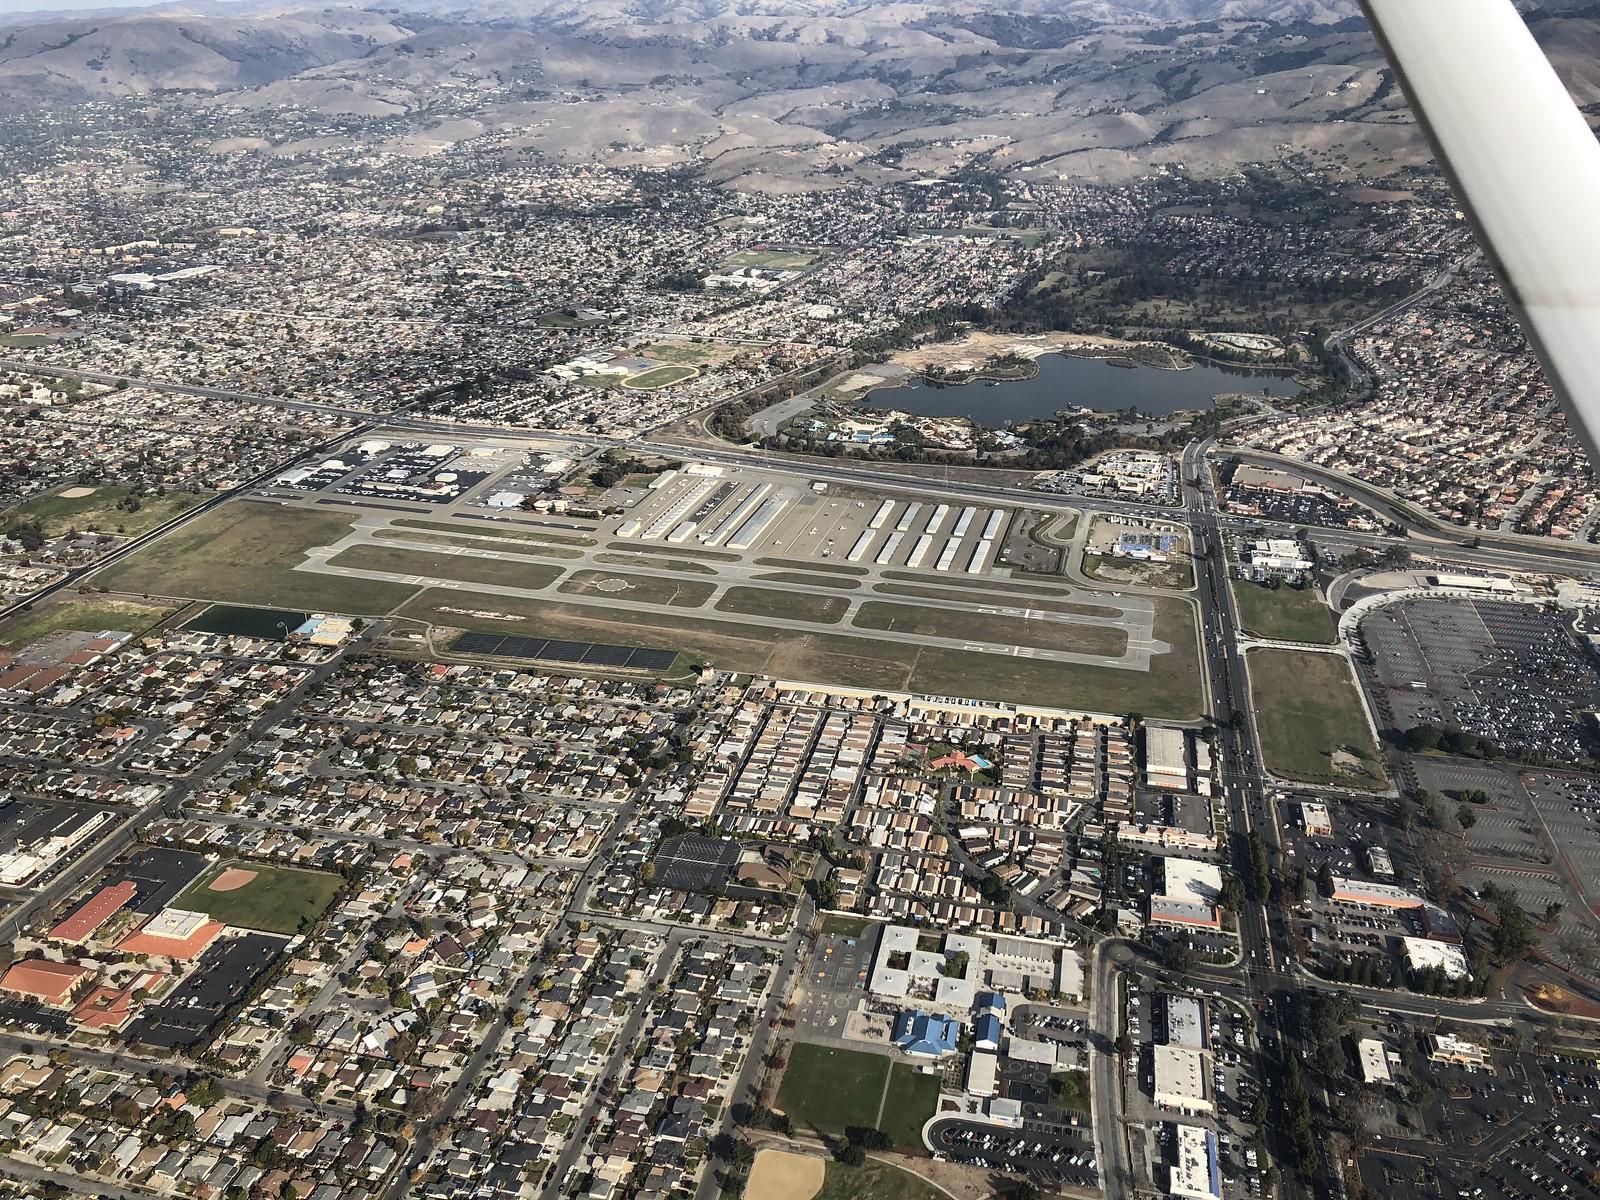 Reid Airport Hillview